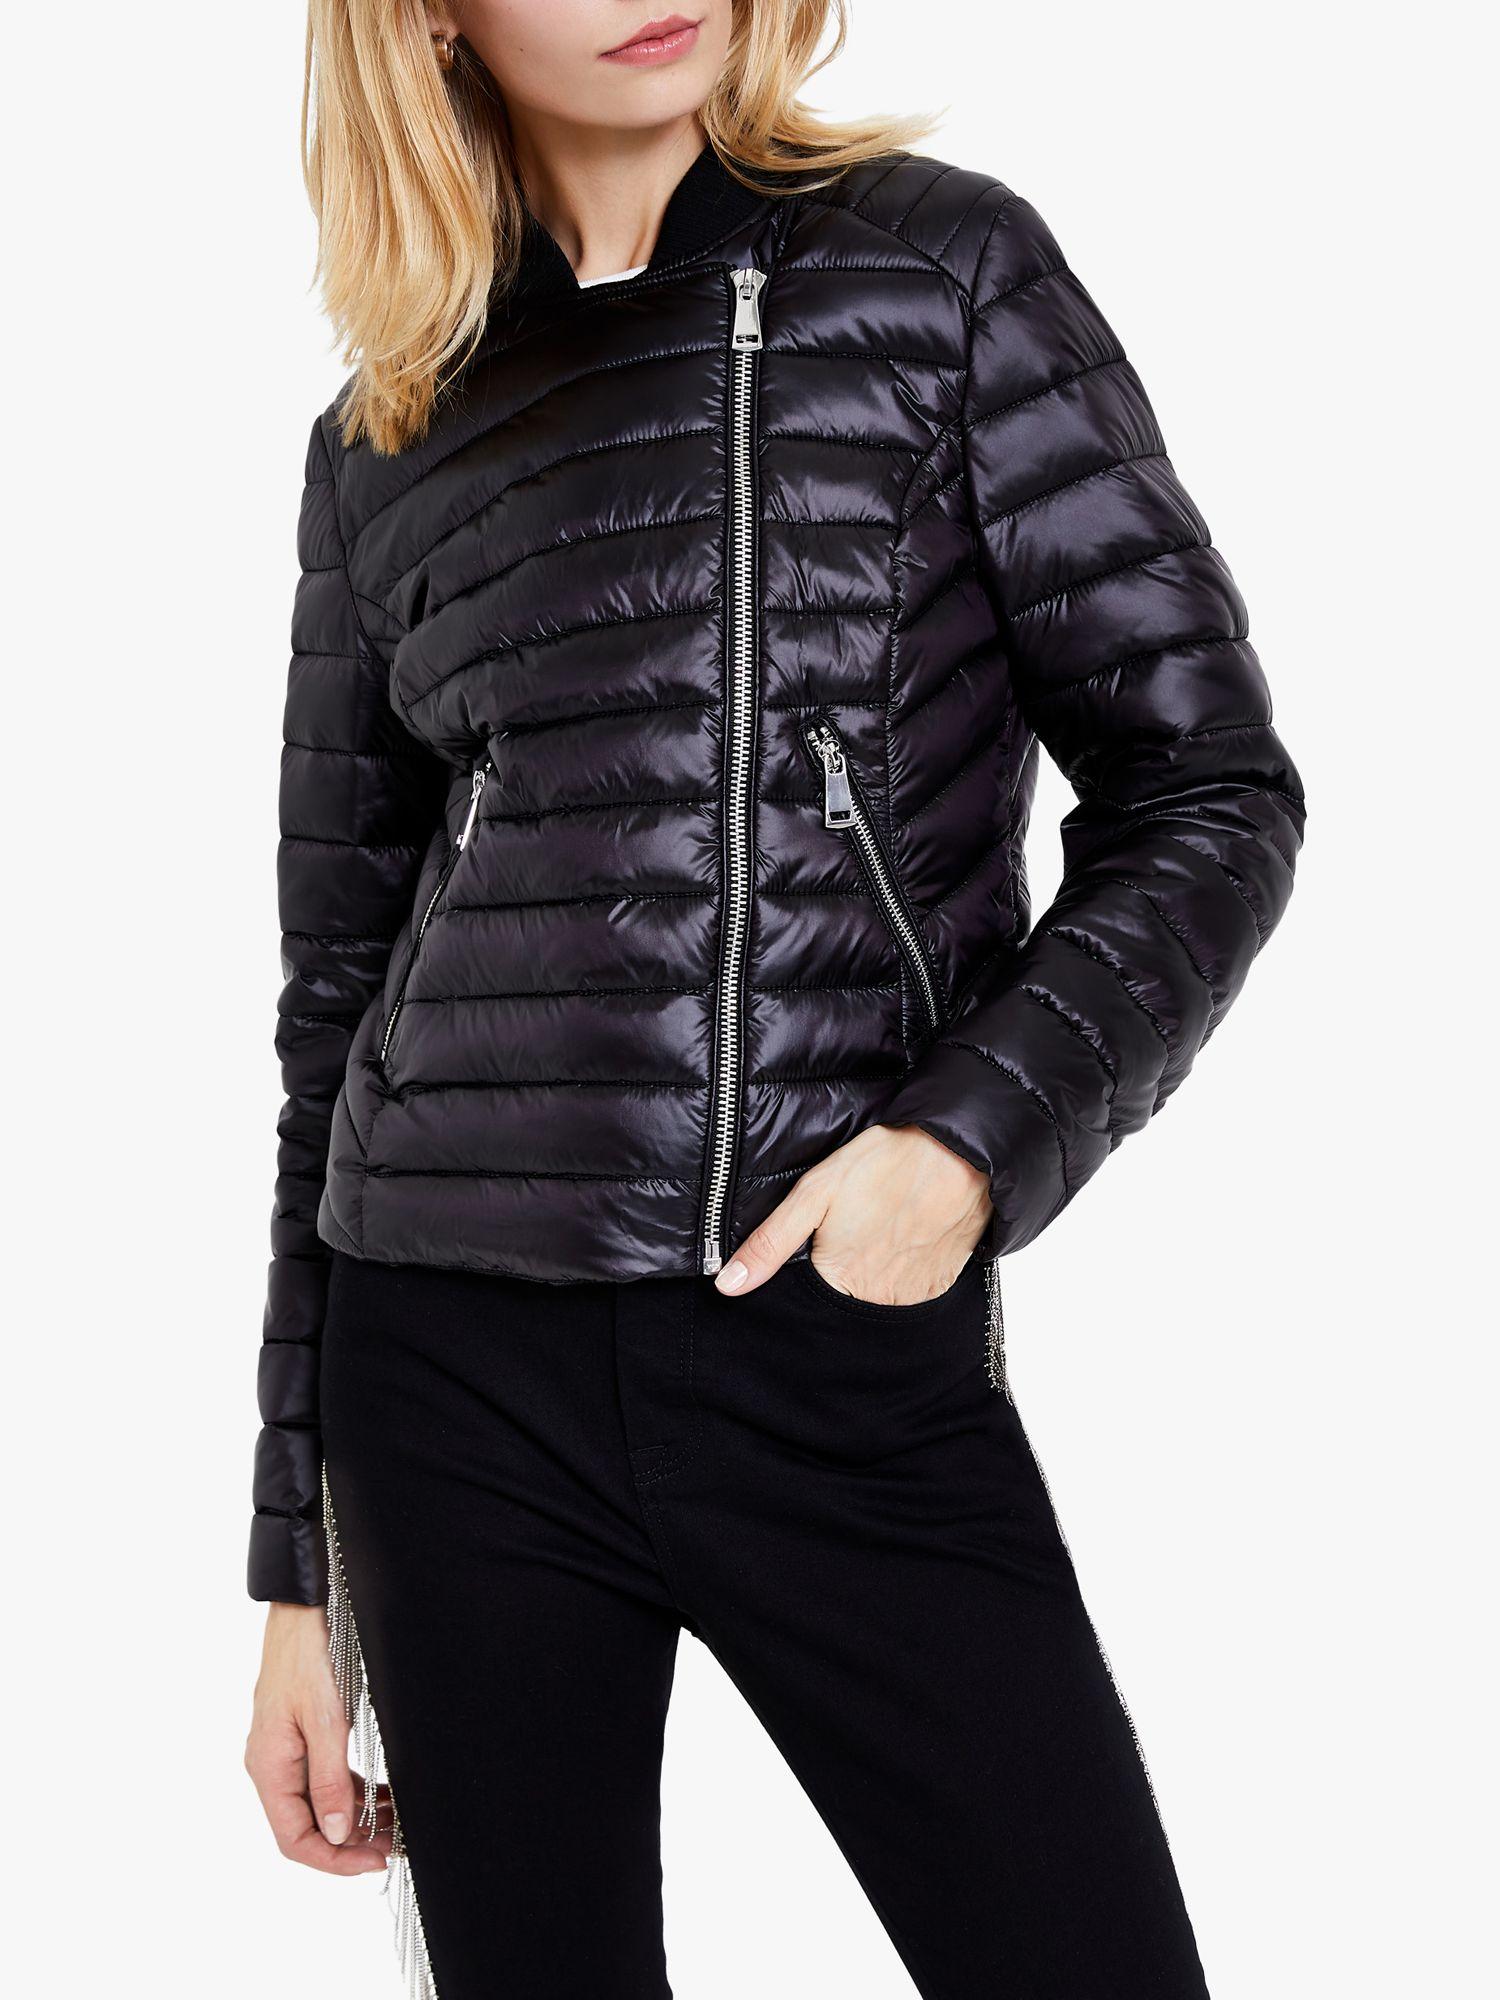 Harpenne Harpenne Quilted Jacket, Black